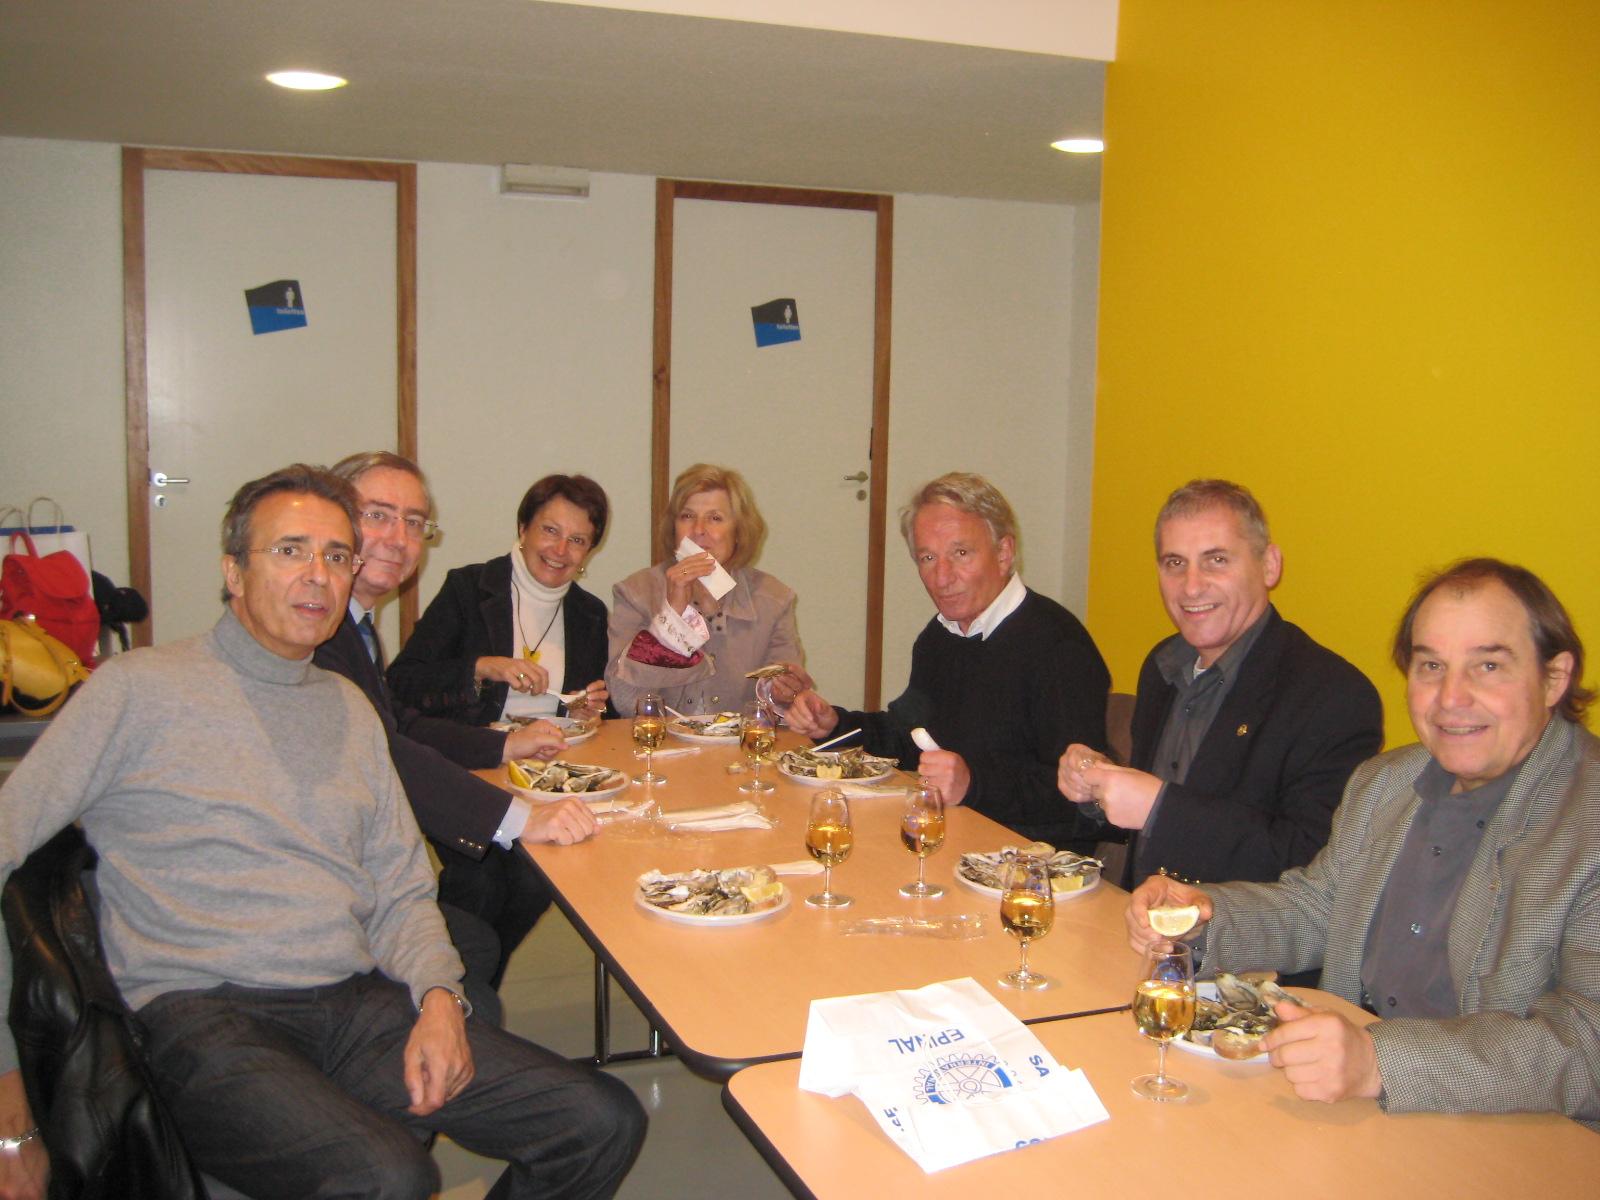 Salon de la gourmandise et des arts de la table a epinal for Salon des arts de la table